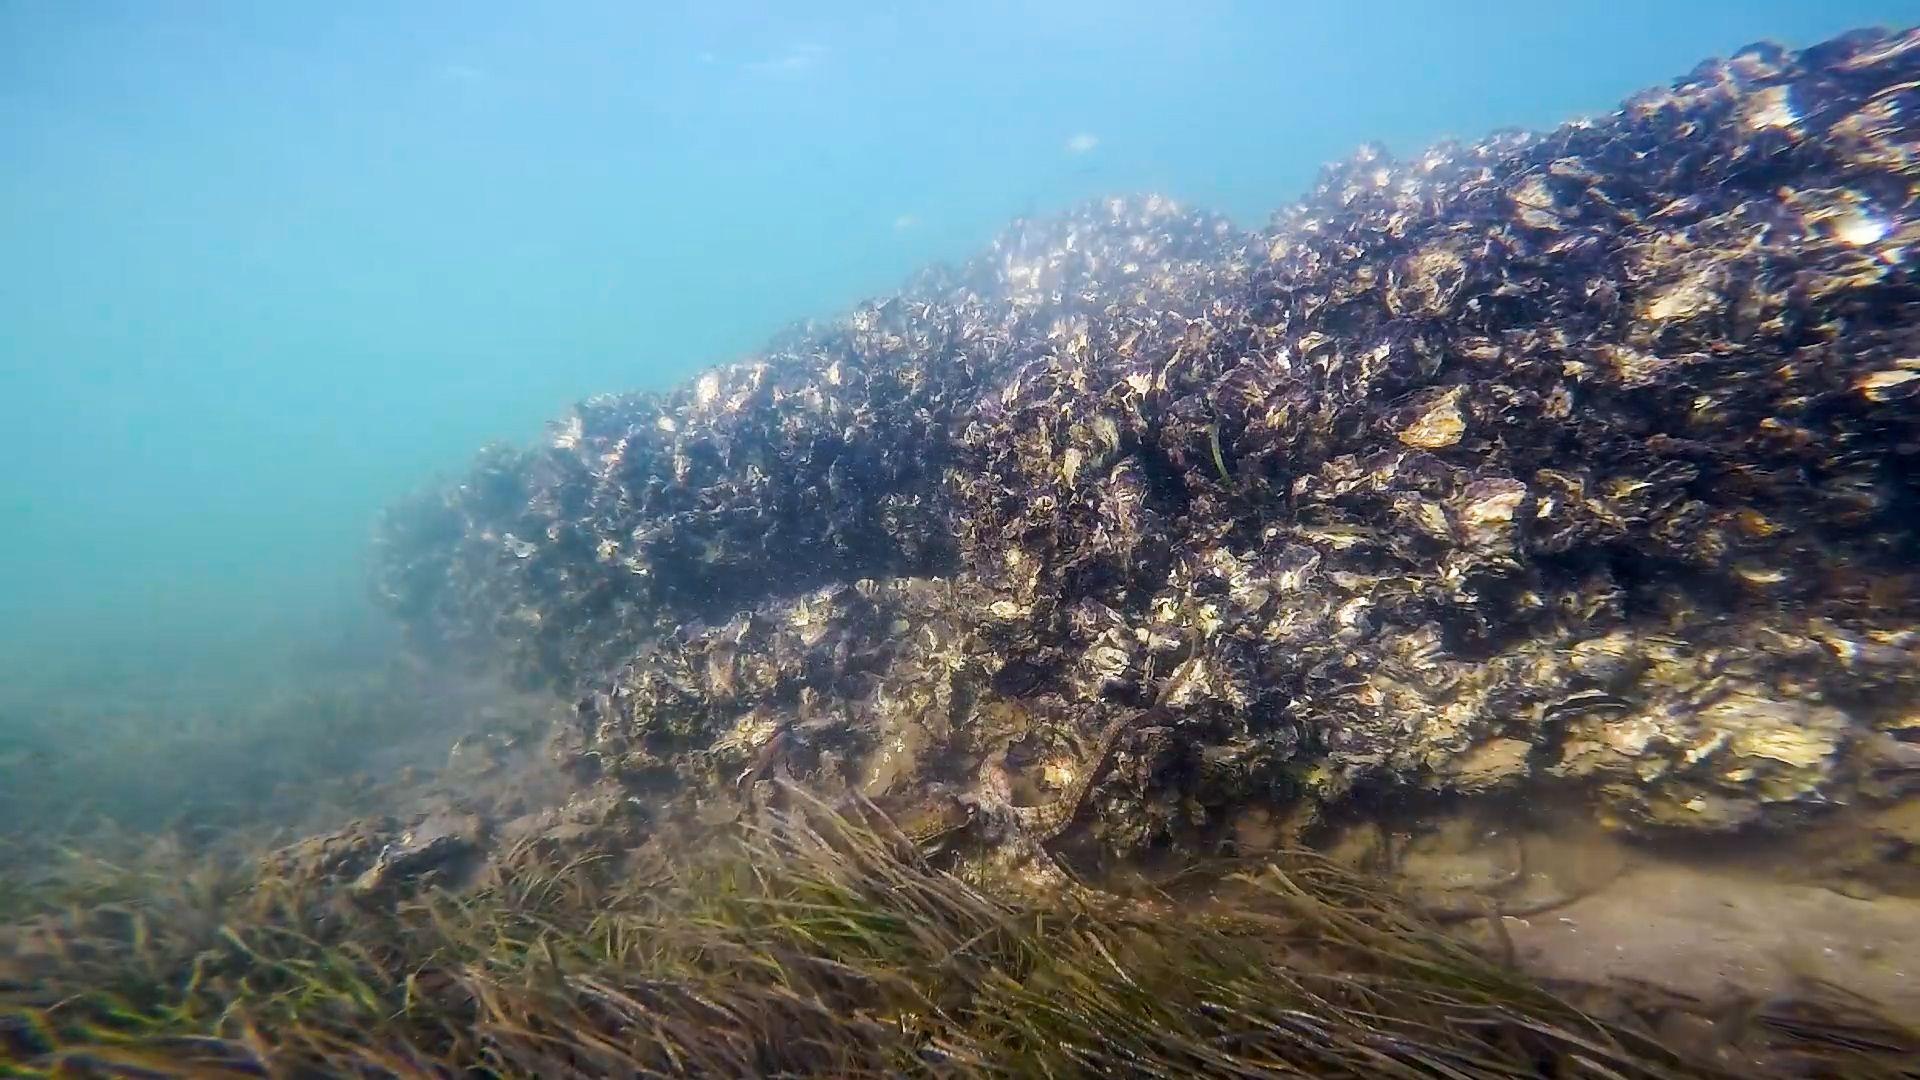 A shellfish reef